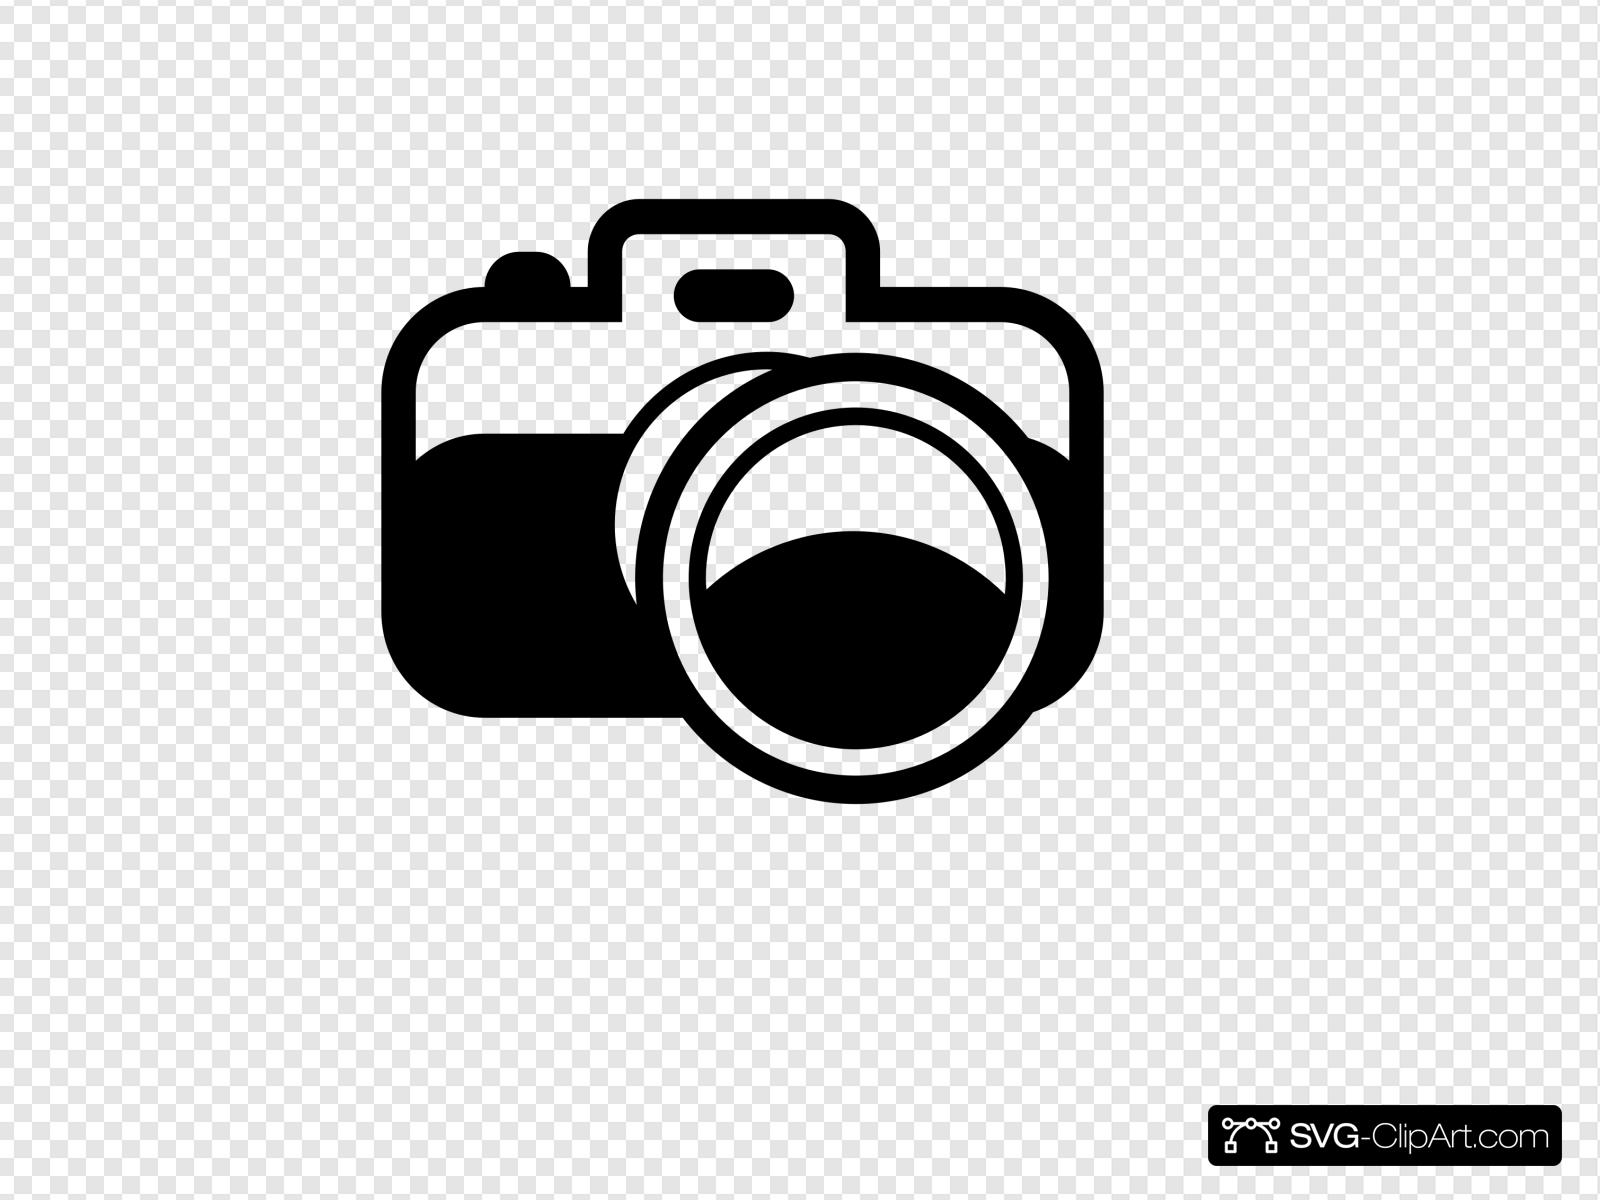 Camera Silhouette Clip art, Icon and SVG.